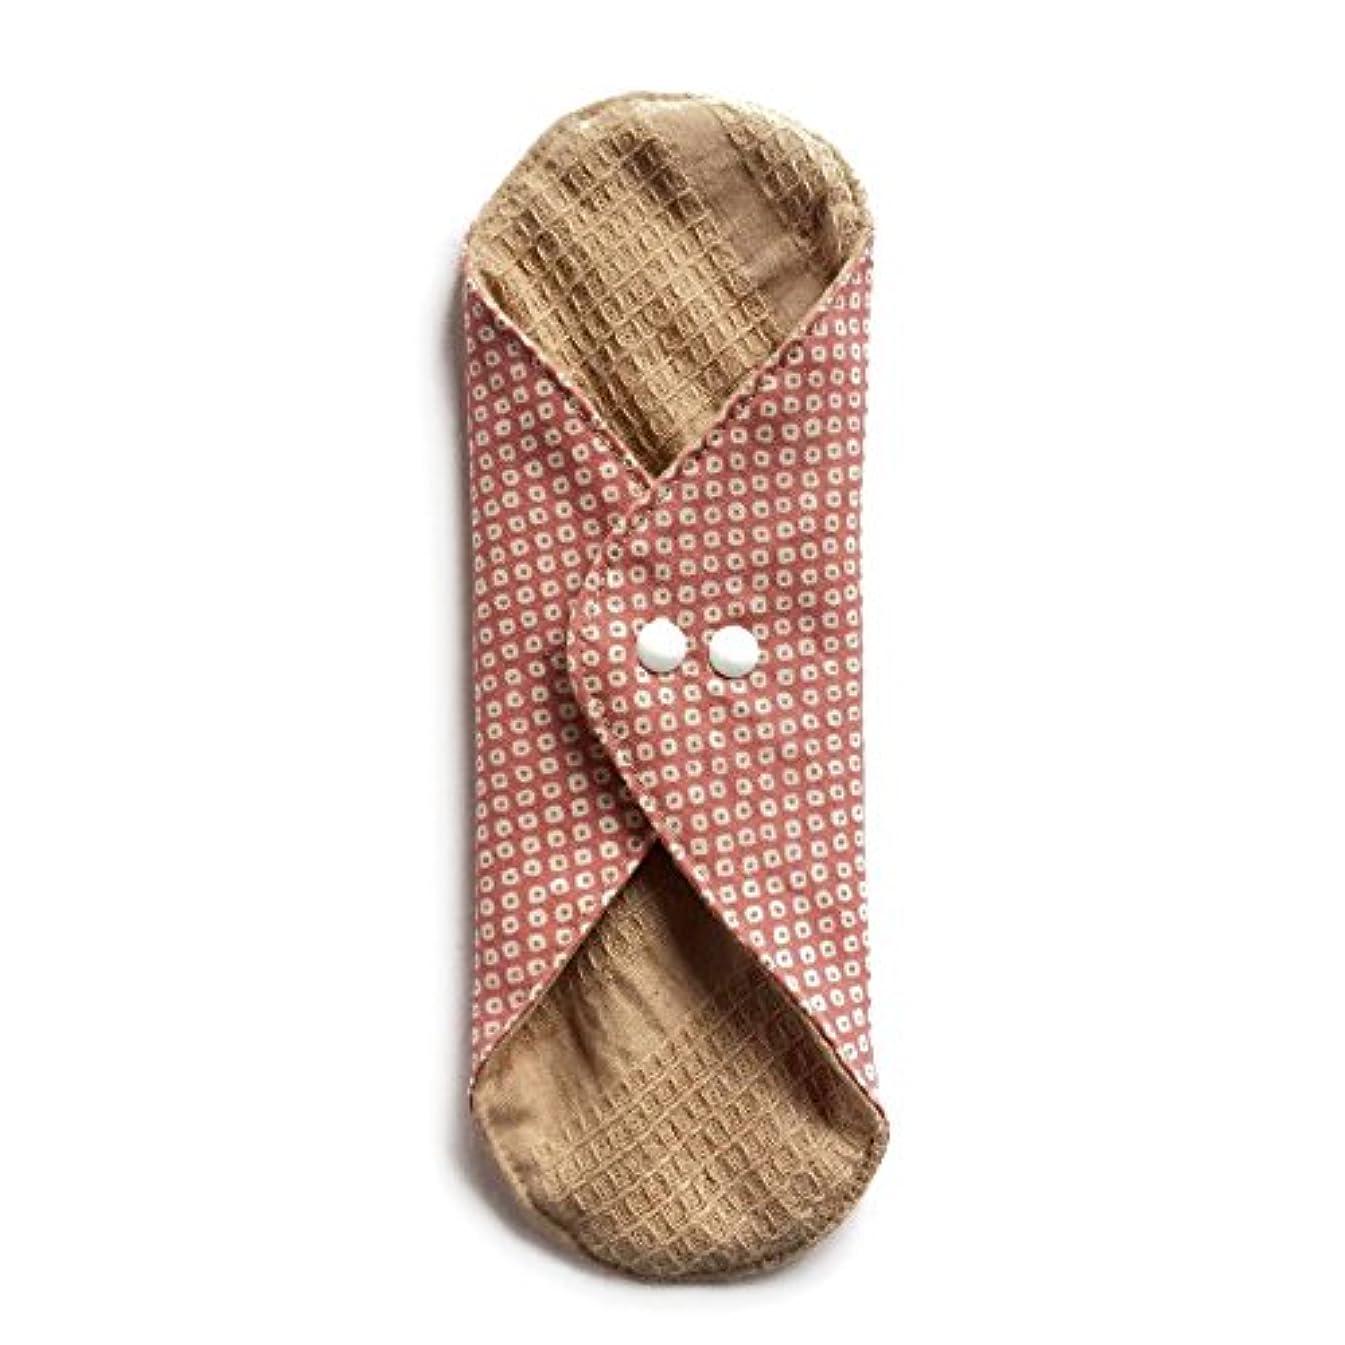 の間で症候群困惑する華布のオーガニックコットンのあたため布 Lサイズ (約18×約20.5×約0.5cm) 鹿の子(桃)